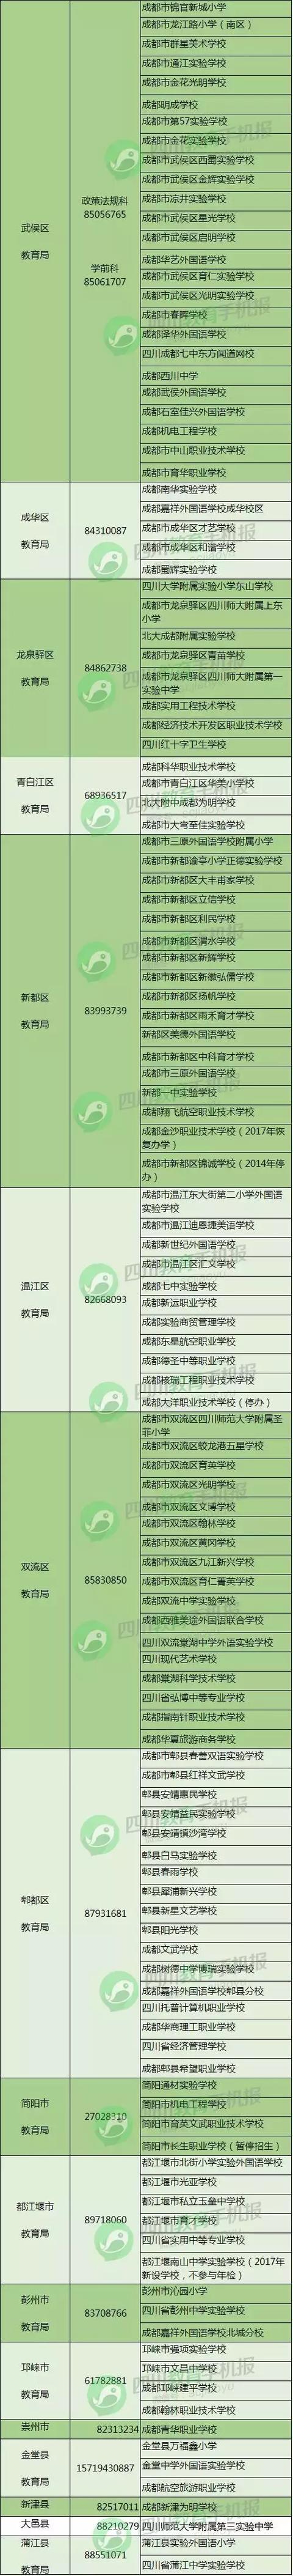 成都教育局:民办校年检不合格要上黑名单并暂停招生